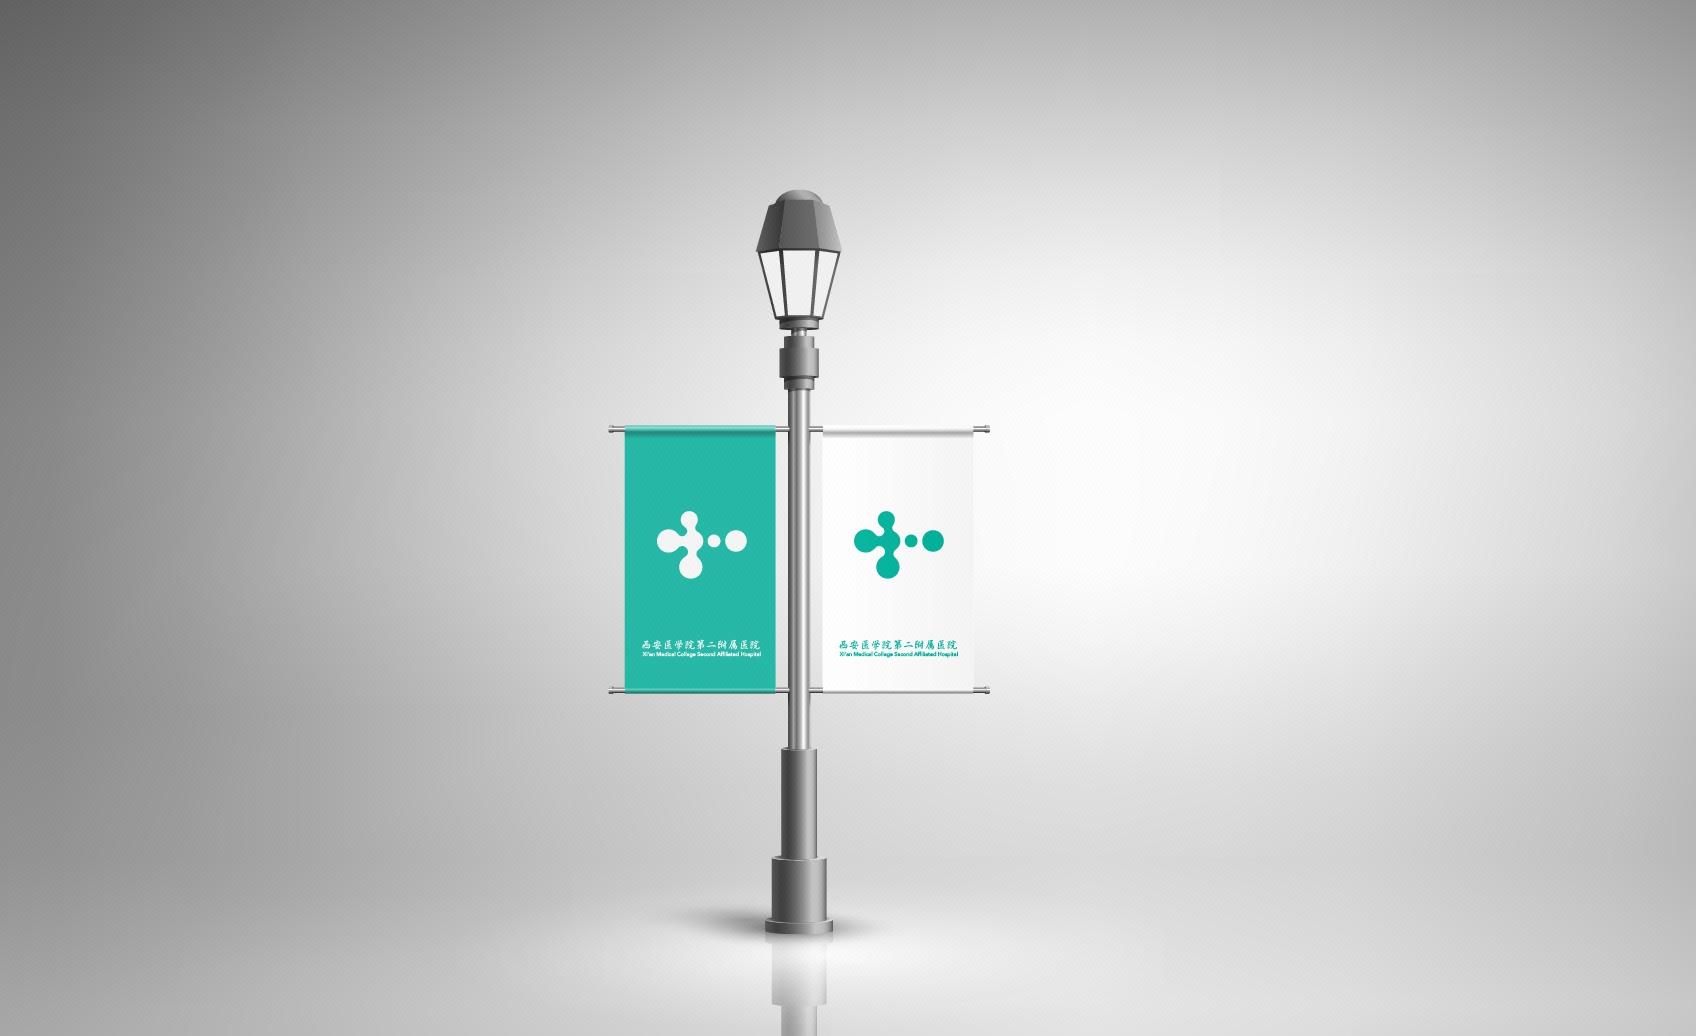 LOGO_字体设计文字logo公司企业品牌标志图标设计27